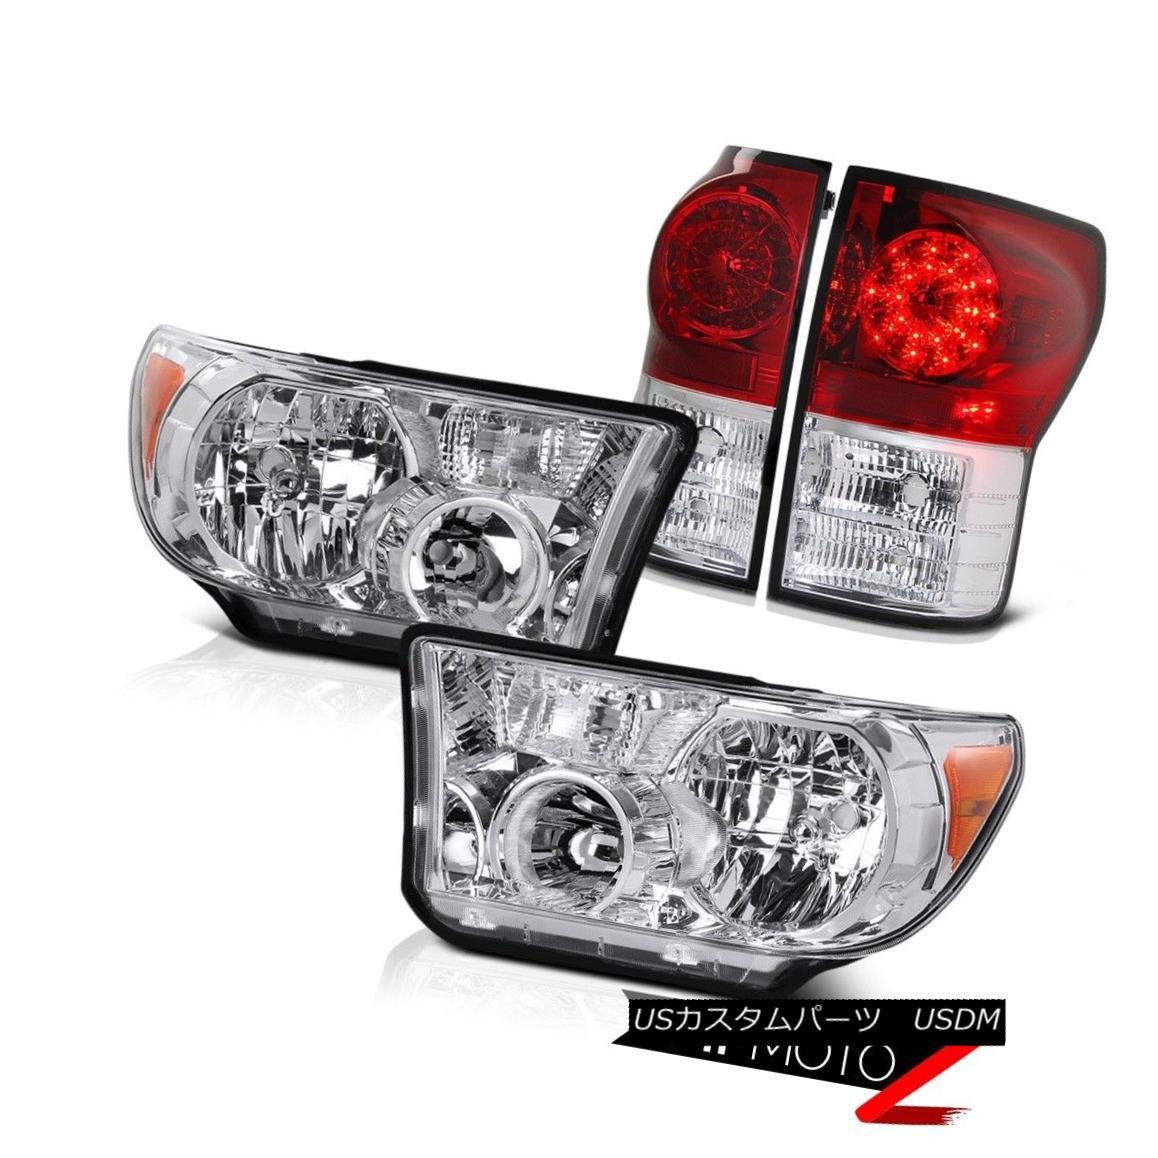 ヘッドライト 07-13 Tundra Truck Crystal Clear L+R Headlight Lamp+Factory Style LED Tail Light 07-13トンドラトラッククリスタルクリアL + Rヘッドライトランプ+ファクトリースタイルLEDテールライト